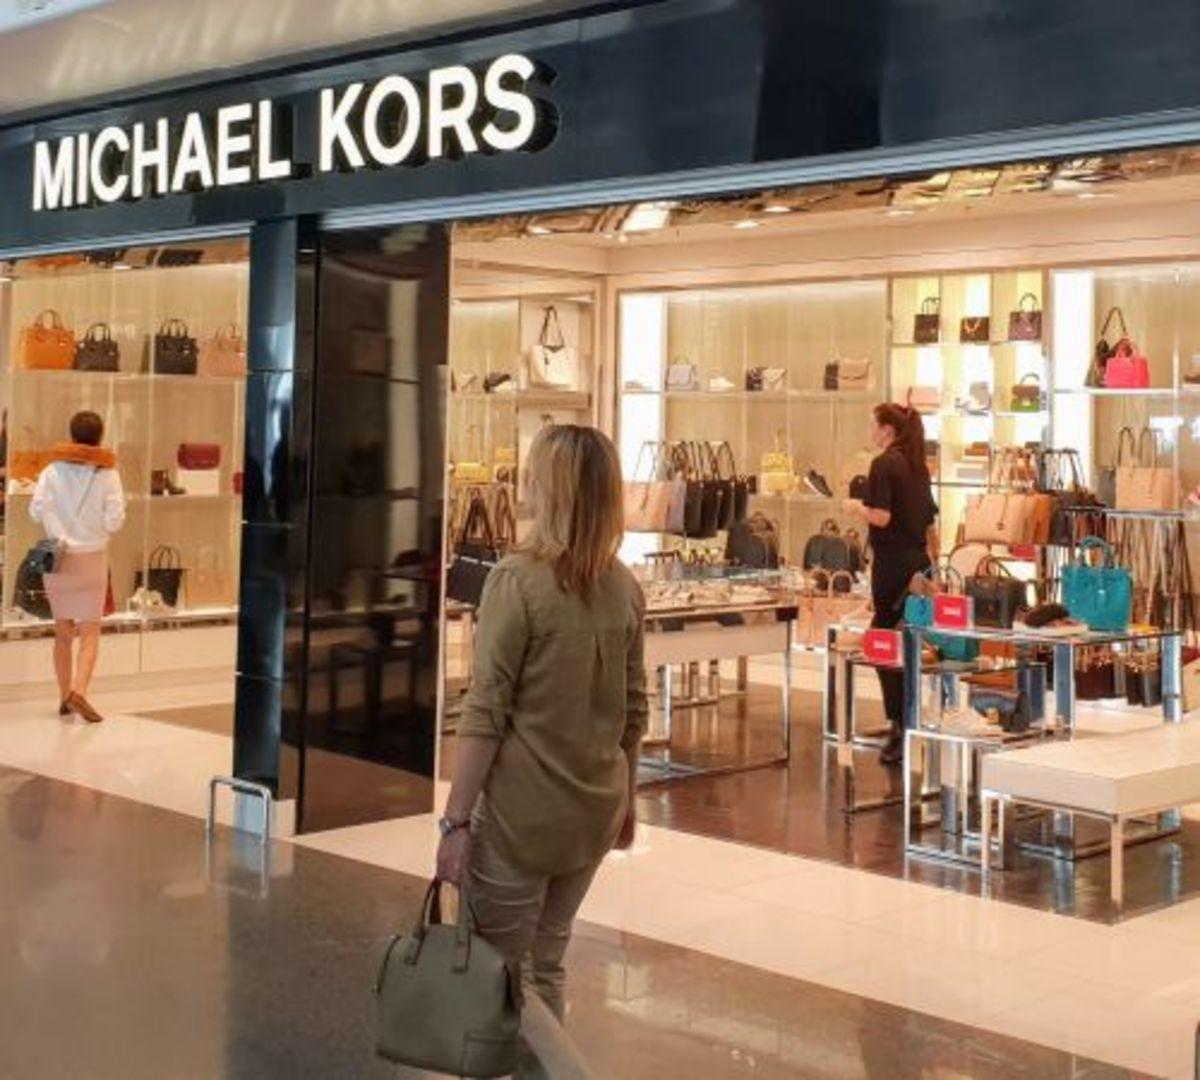 חנות מייקל קורס בשדה התעופה בקייב - קניות בזמן קונקשן